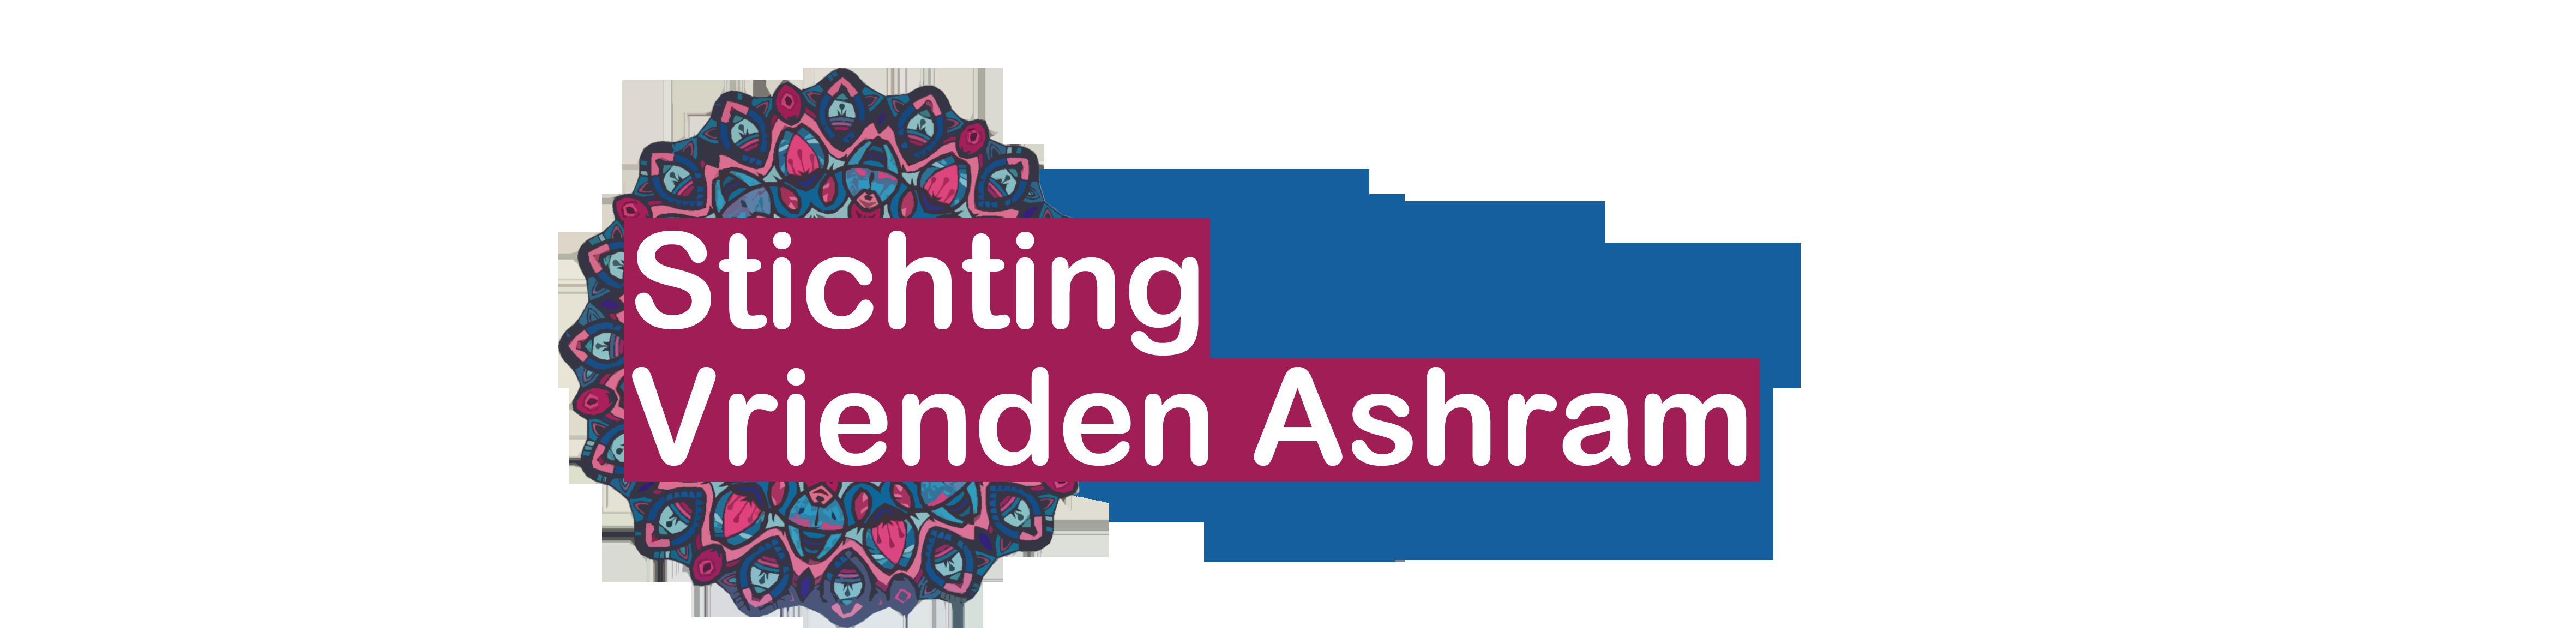 Stichting Vrienden Ashram